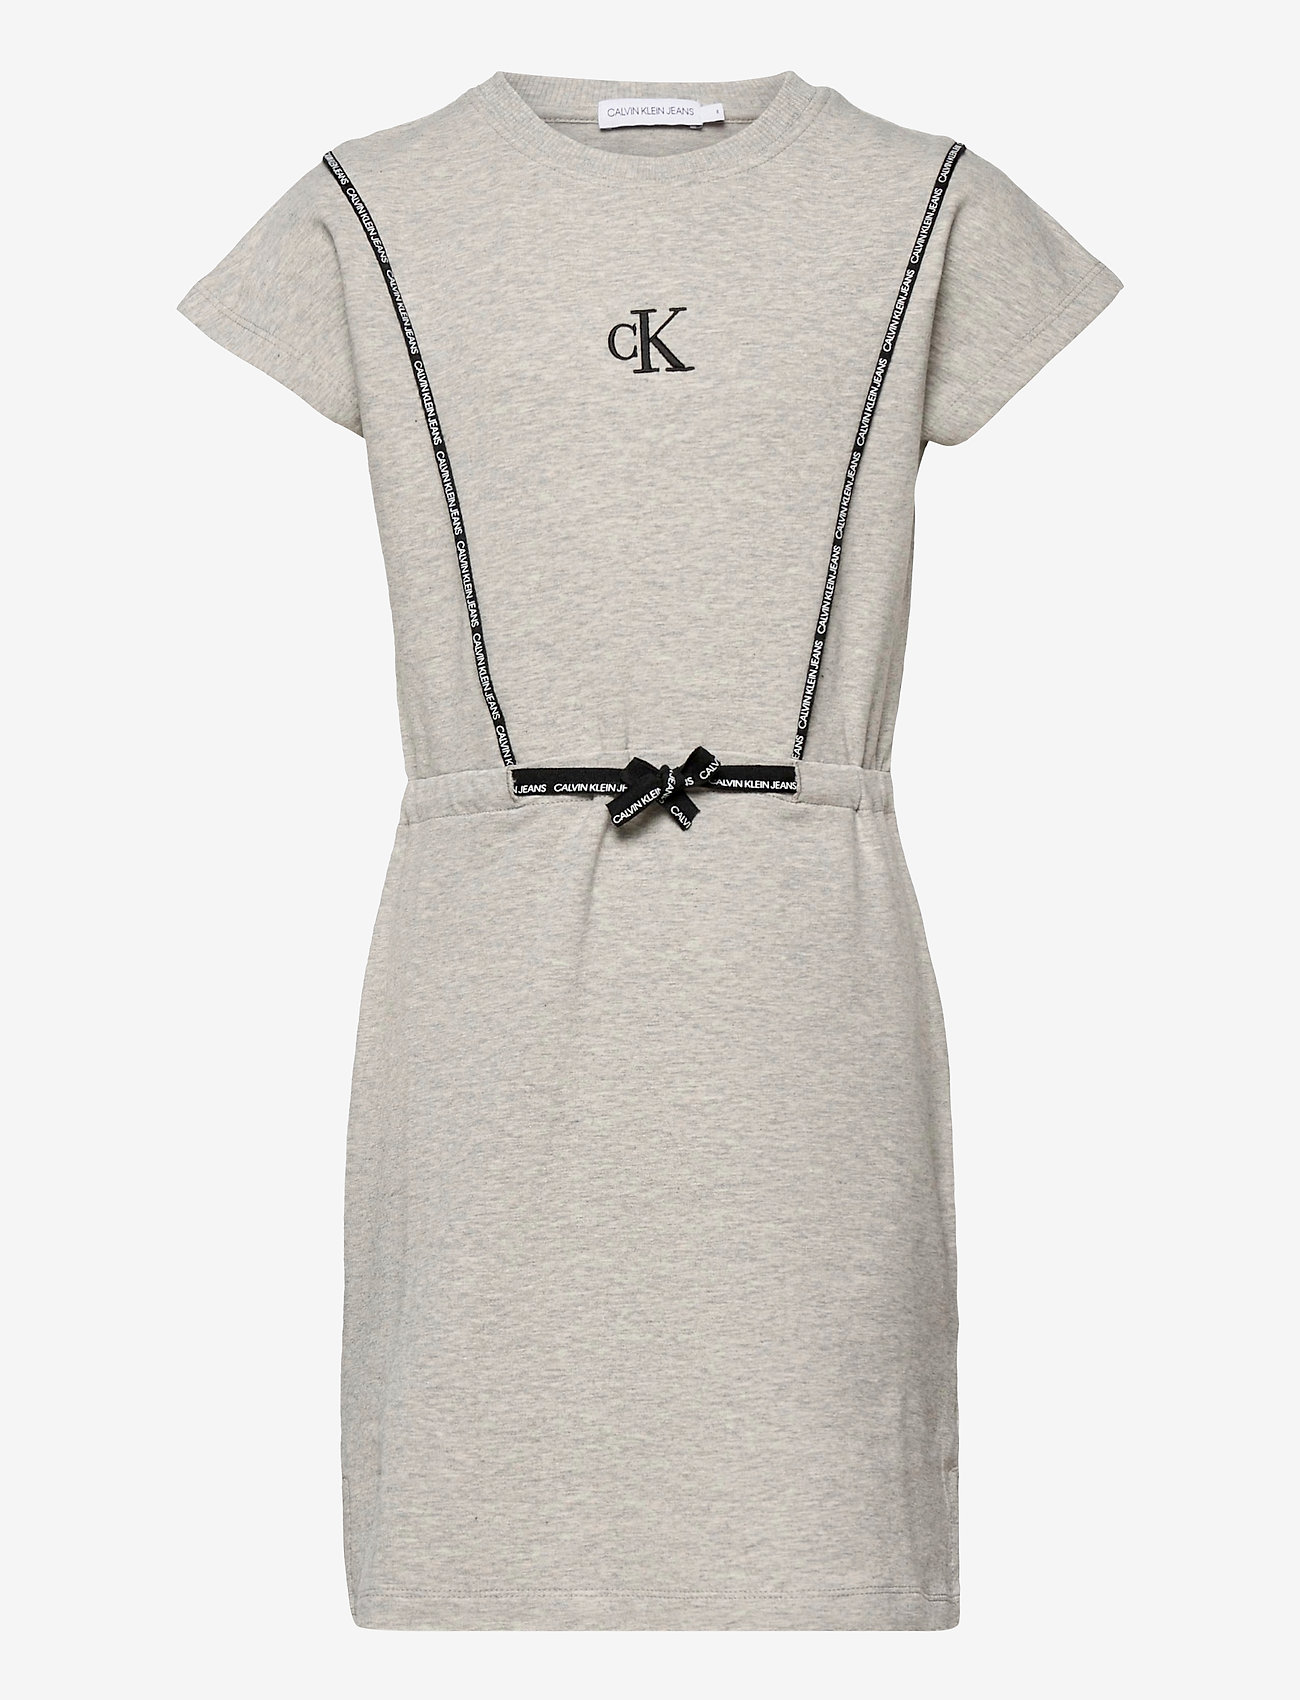 Calvin Klein - SHORT DRESS WITH PIPING DETAIL - kleider - light grey heather - 0